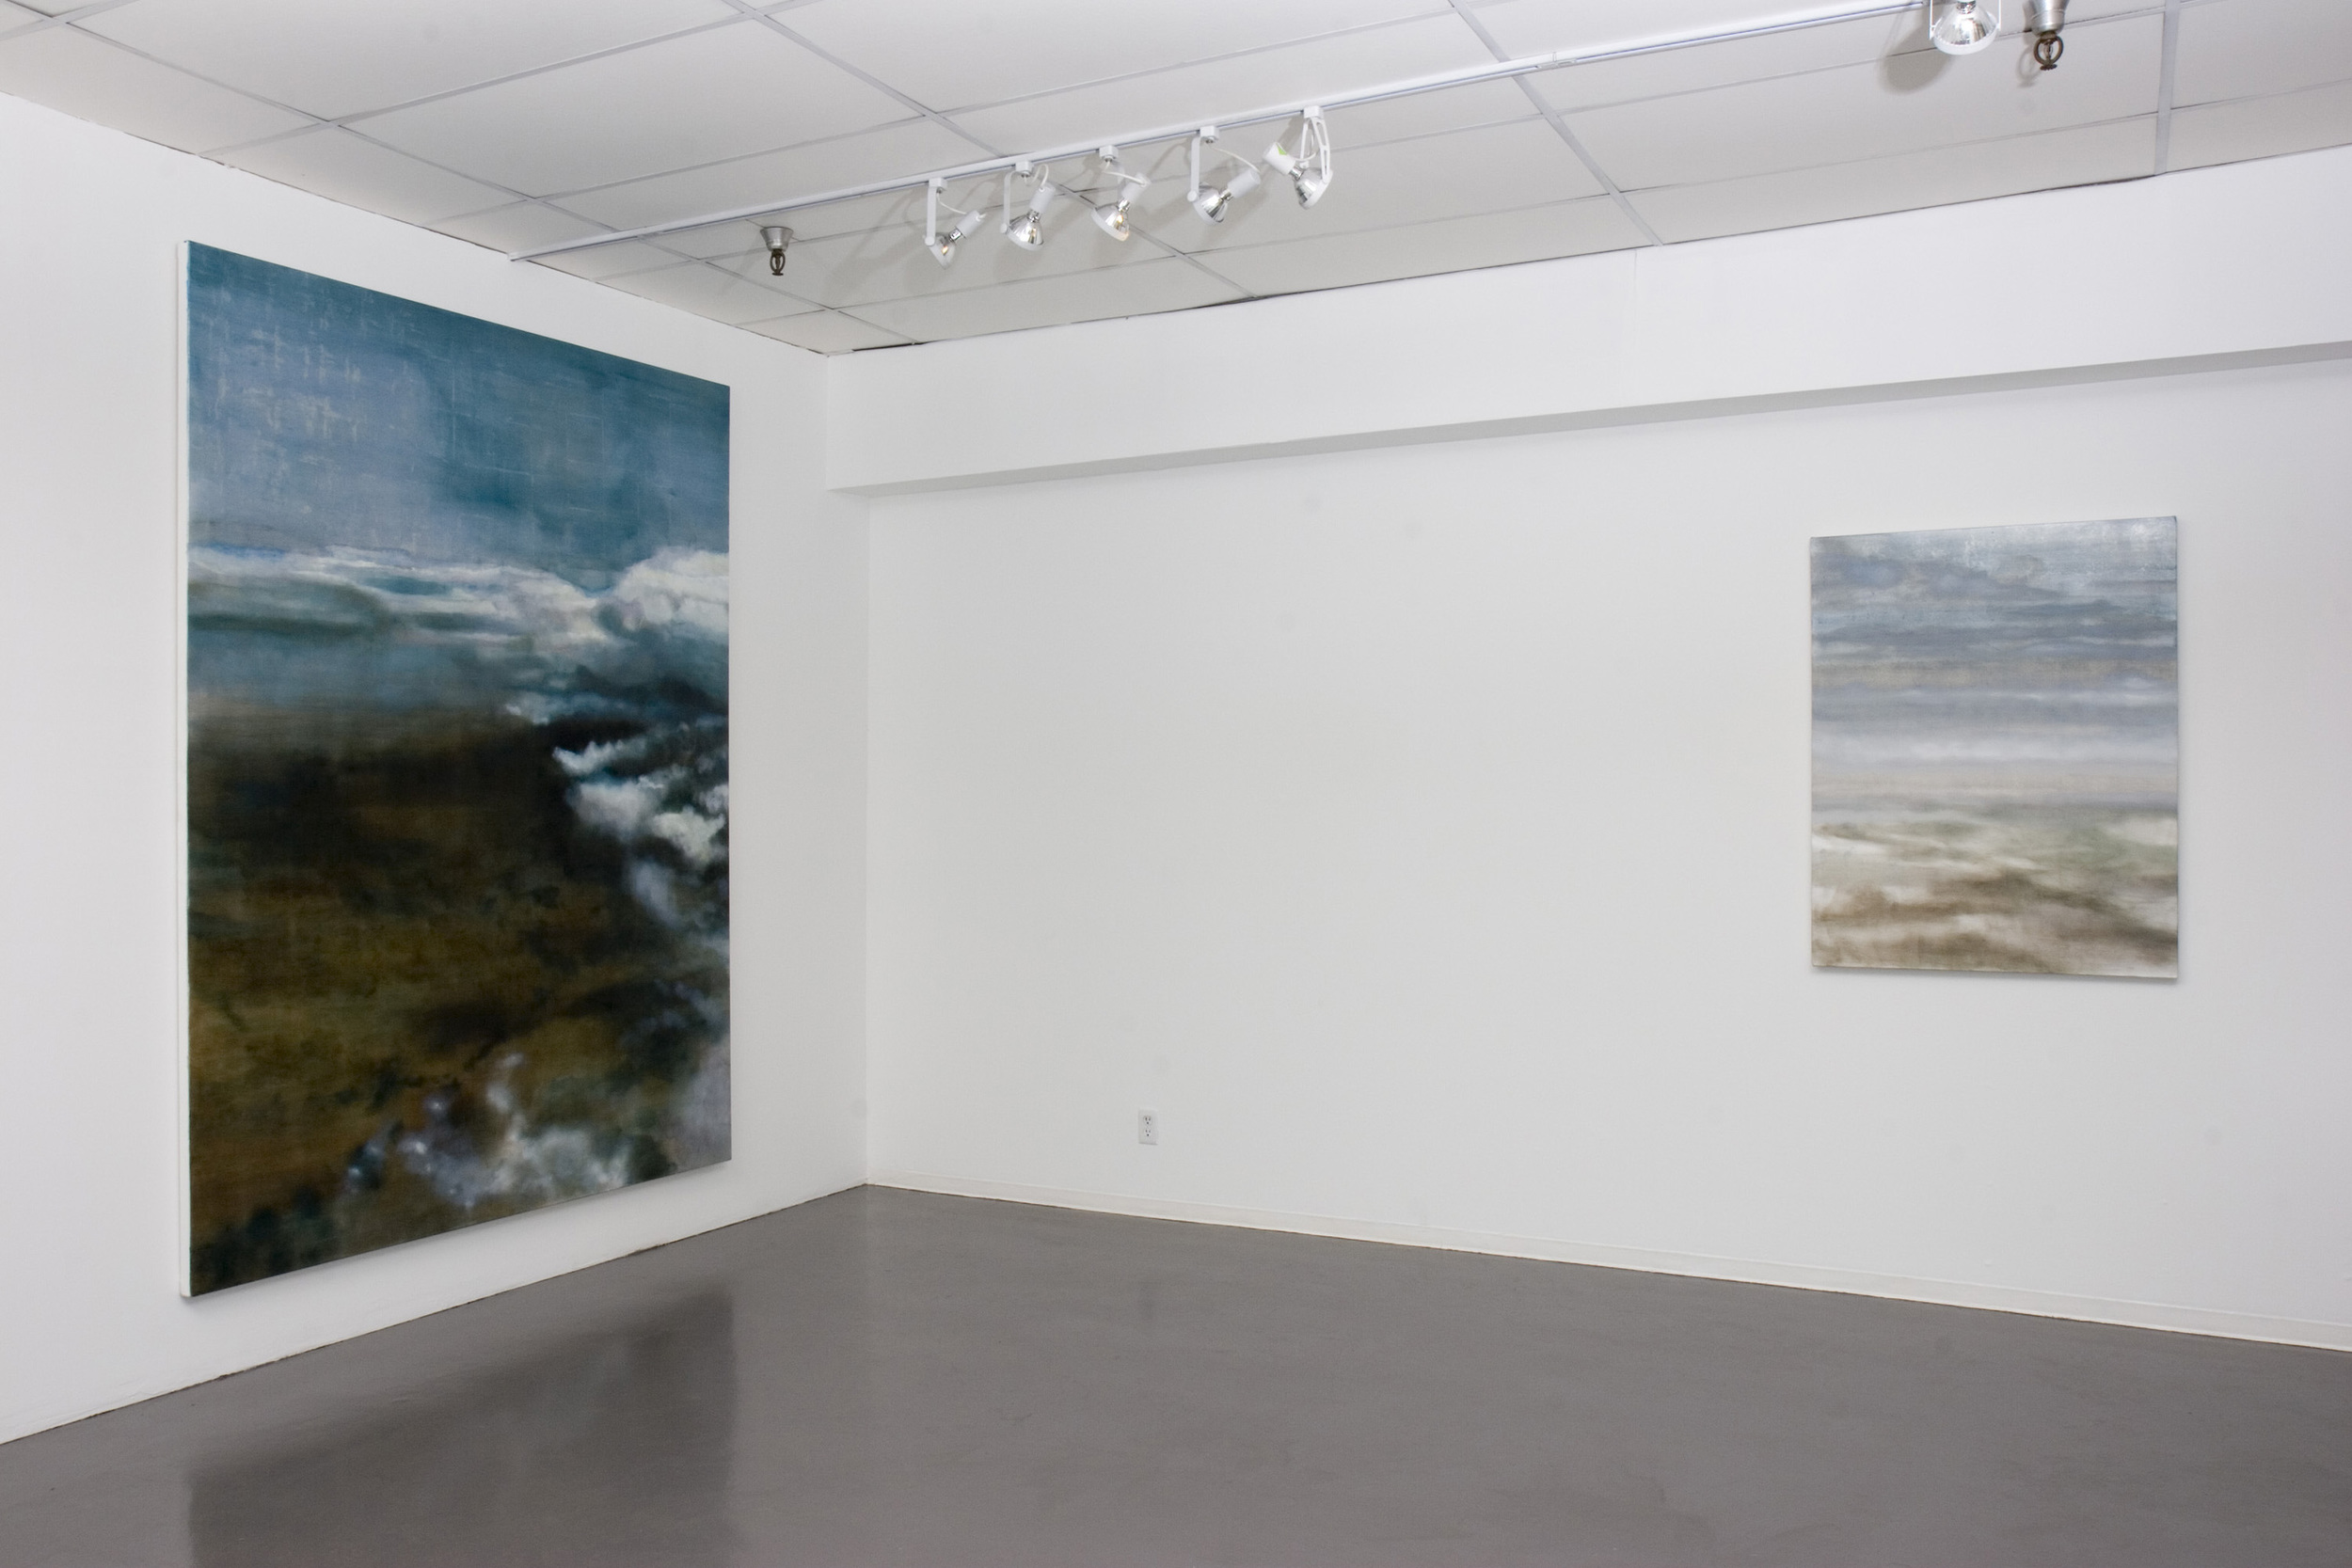 Installation: Mandarin Gallery, Los Angeles, CA